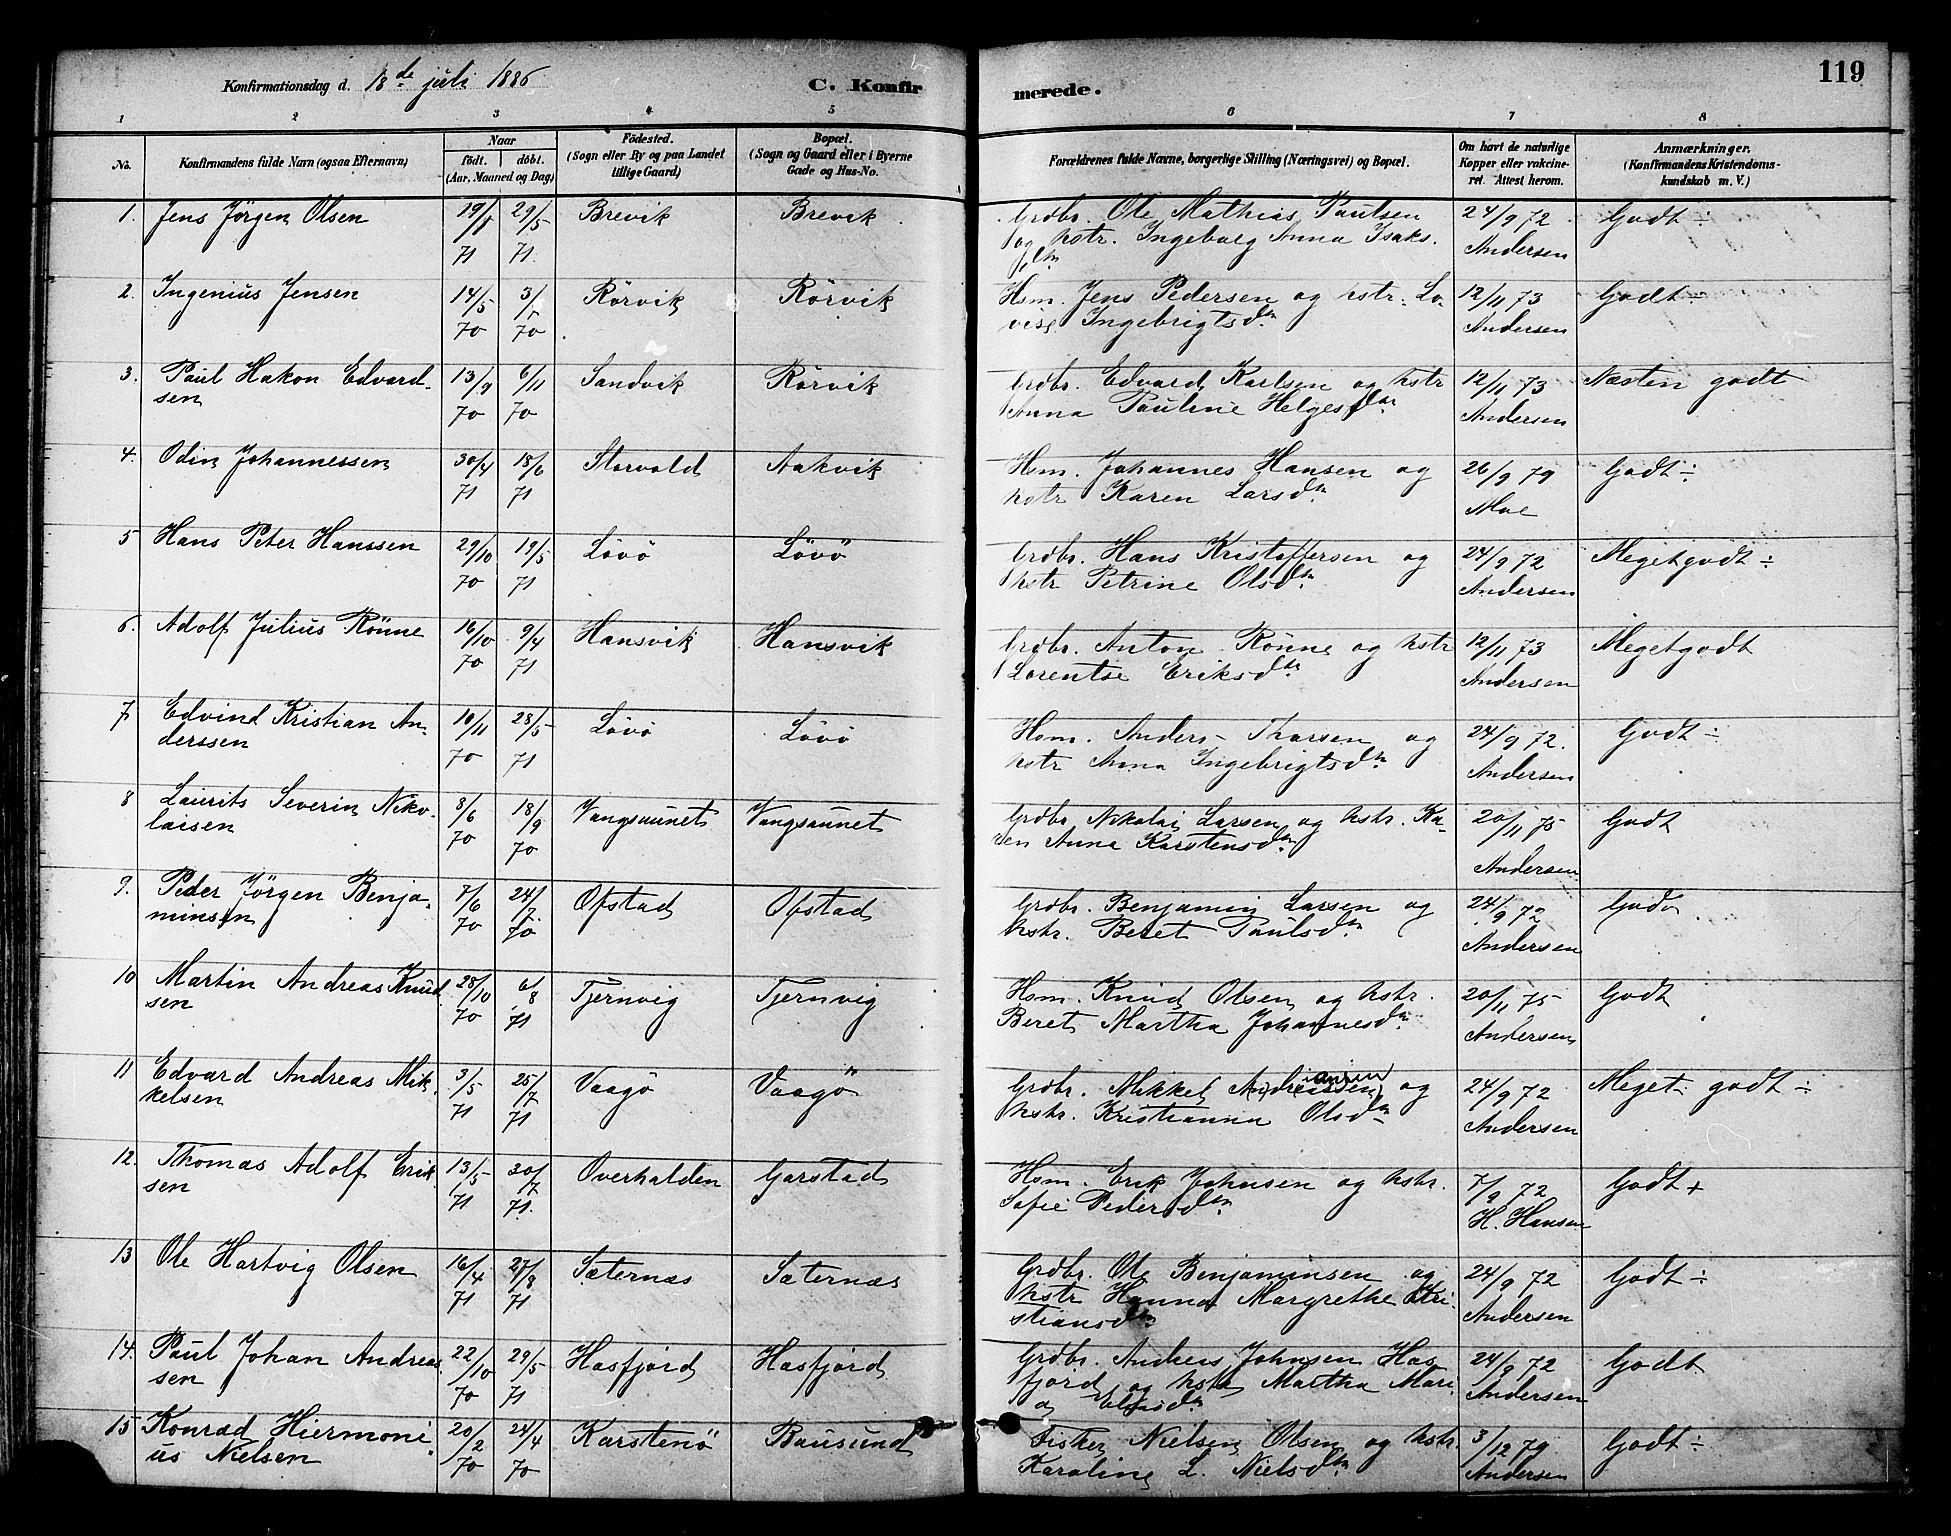 SAT, Ministerialprotokoller, klokkerbøker og fødselsregistre - Nord-Trøndelag, 786/L0686: Ministerialbok nr. 786A02, 1880-1887, s. 119